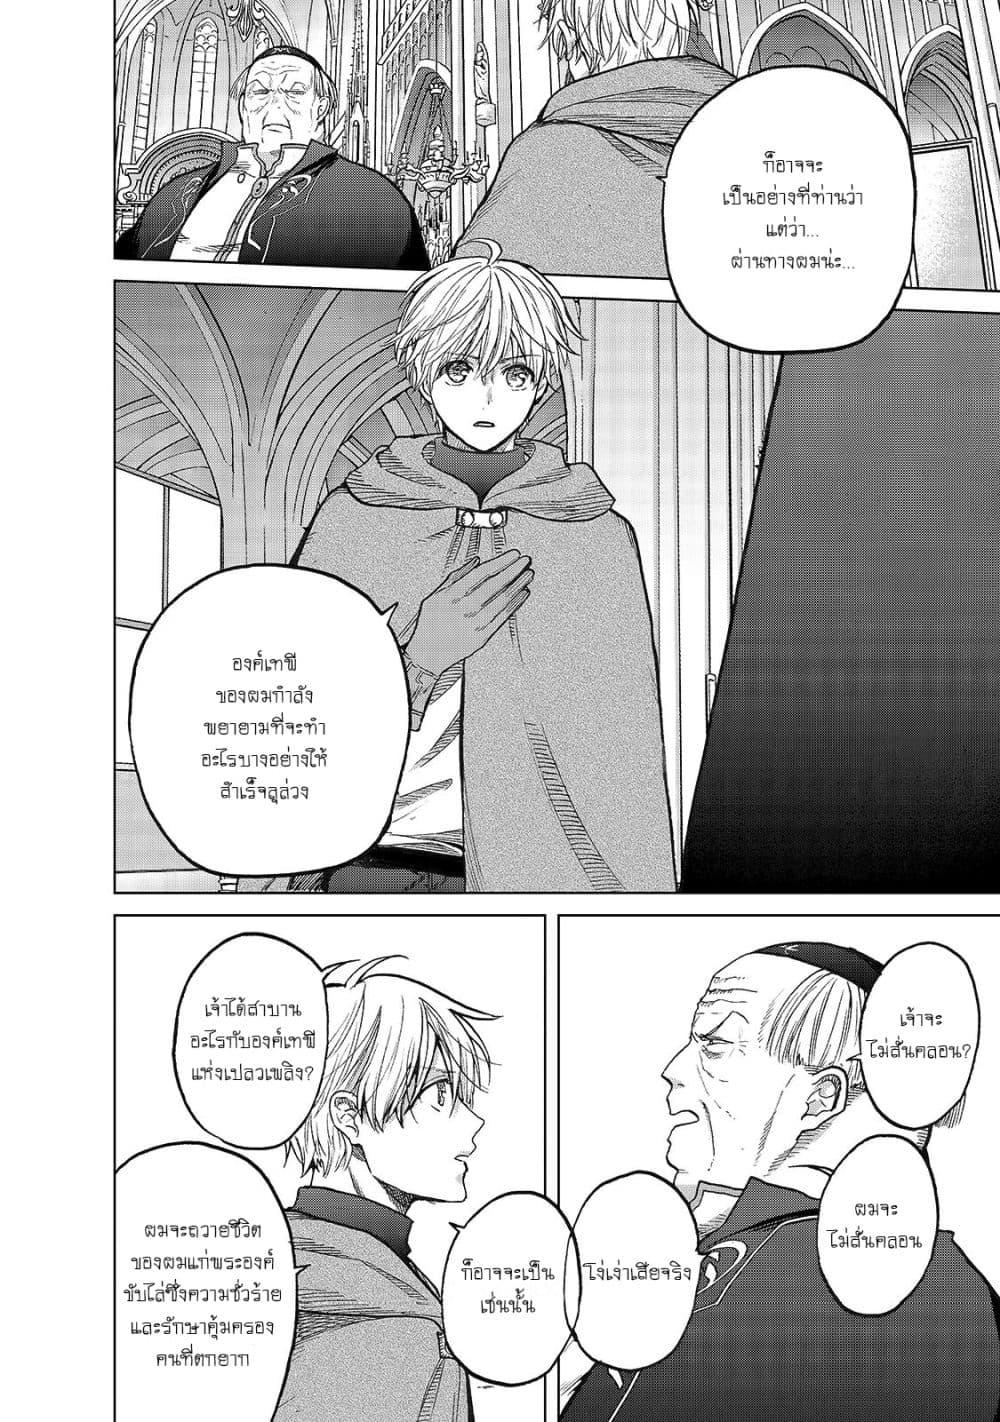 อ่านการ์ตูน Saihate no Paladin ตอนที่ 22 หน้าที่ 20